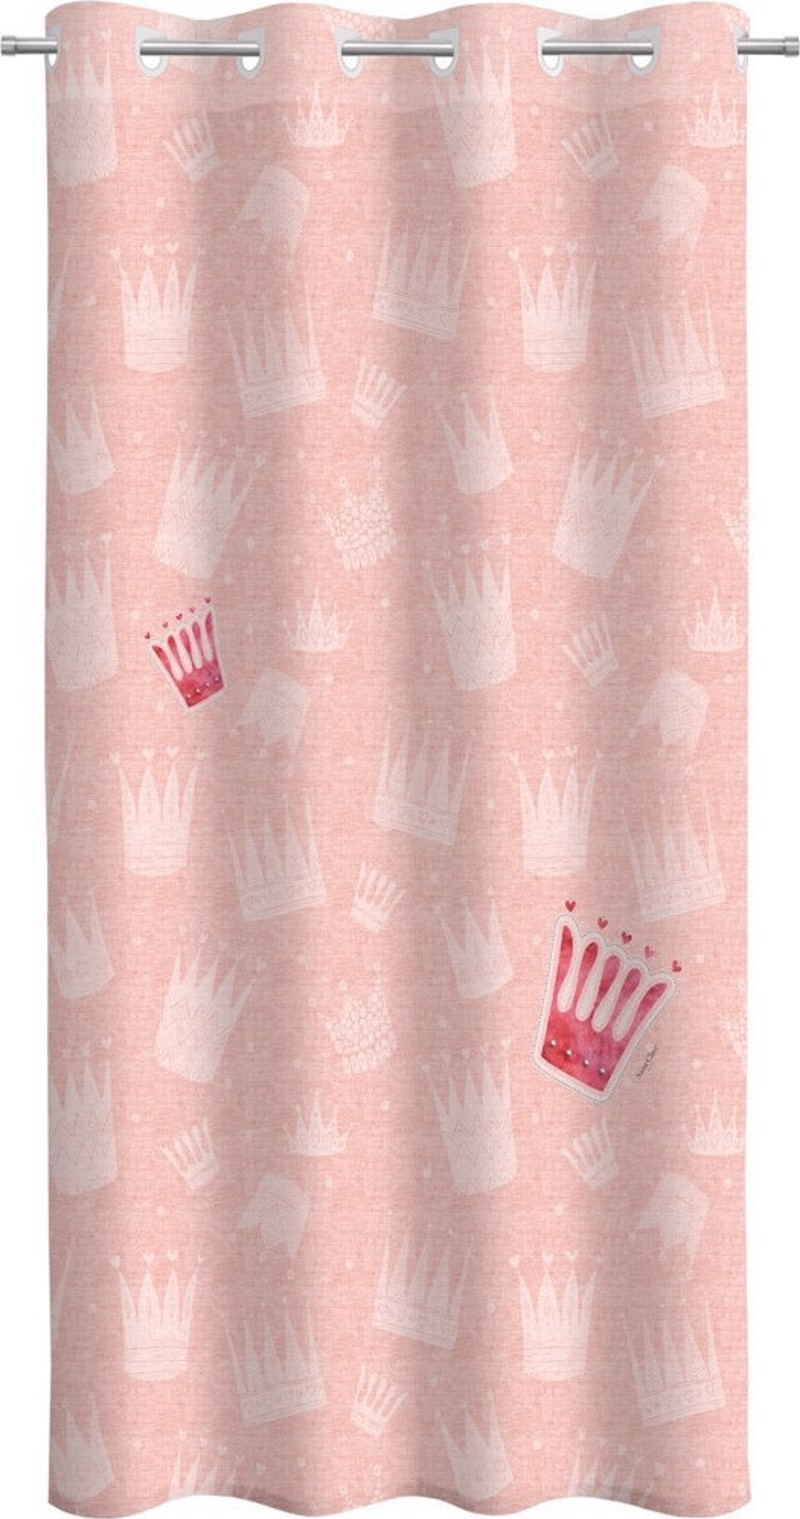 Saint Clair Κουρτίνα Soft Touch Tiara 160×240